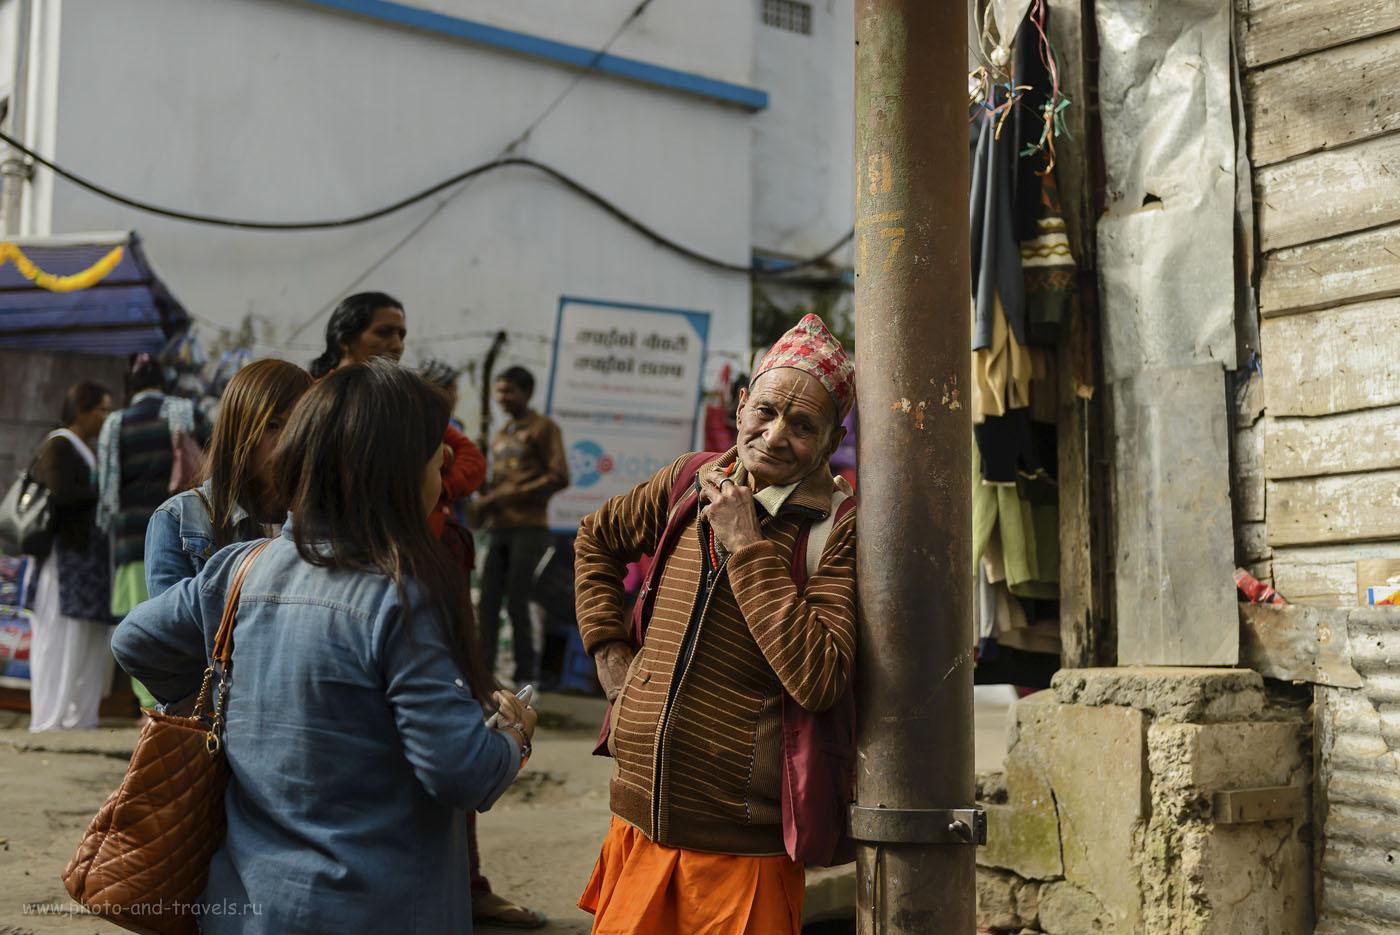 Фотография 25. В Гималаях люди выглядят не так, как на равнине. Здесь живут тибетцы. Уличный портрет в Дарджилинге. 1/1000, -0.67, 2.8, 250, 52.